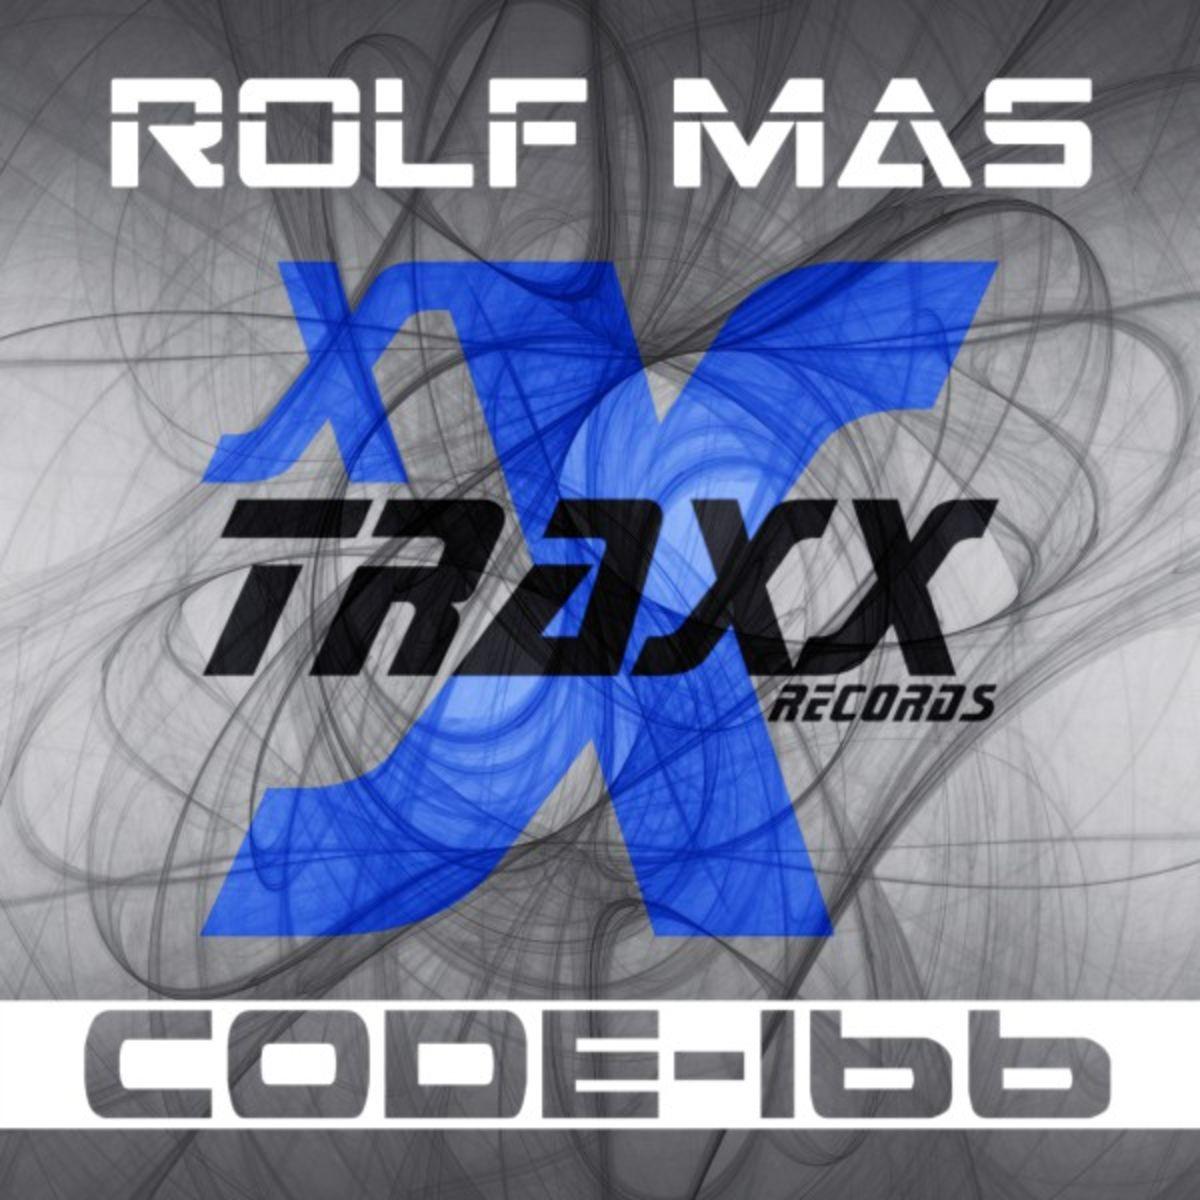 Rolf Mas - Annosworld (Original Mix)